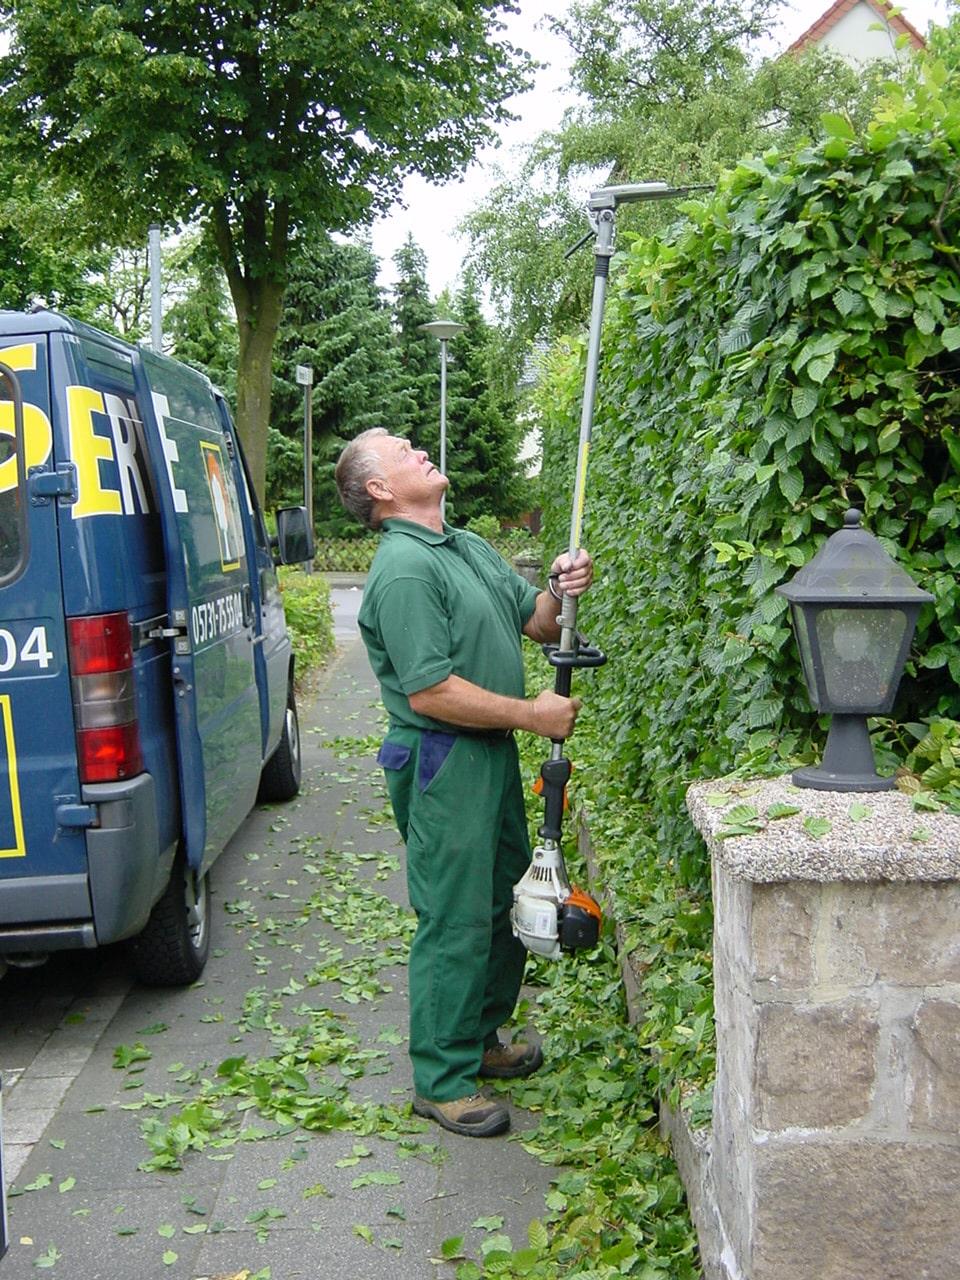 Rückschnitt der Bepflanzung im Rahmen der Gartenpflege in Bad Oeynhausen